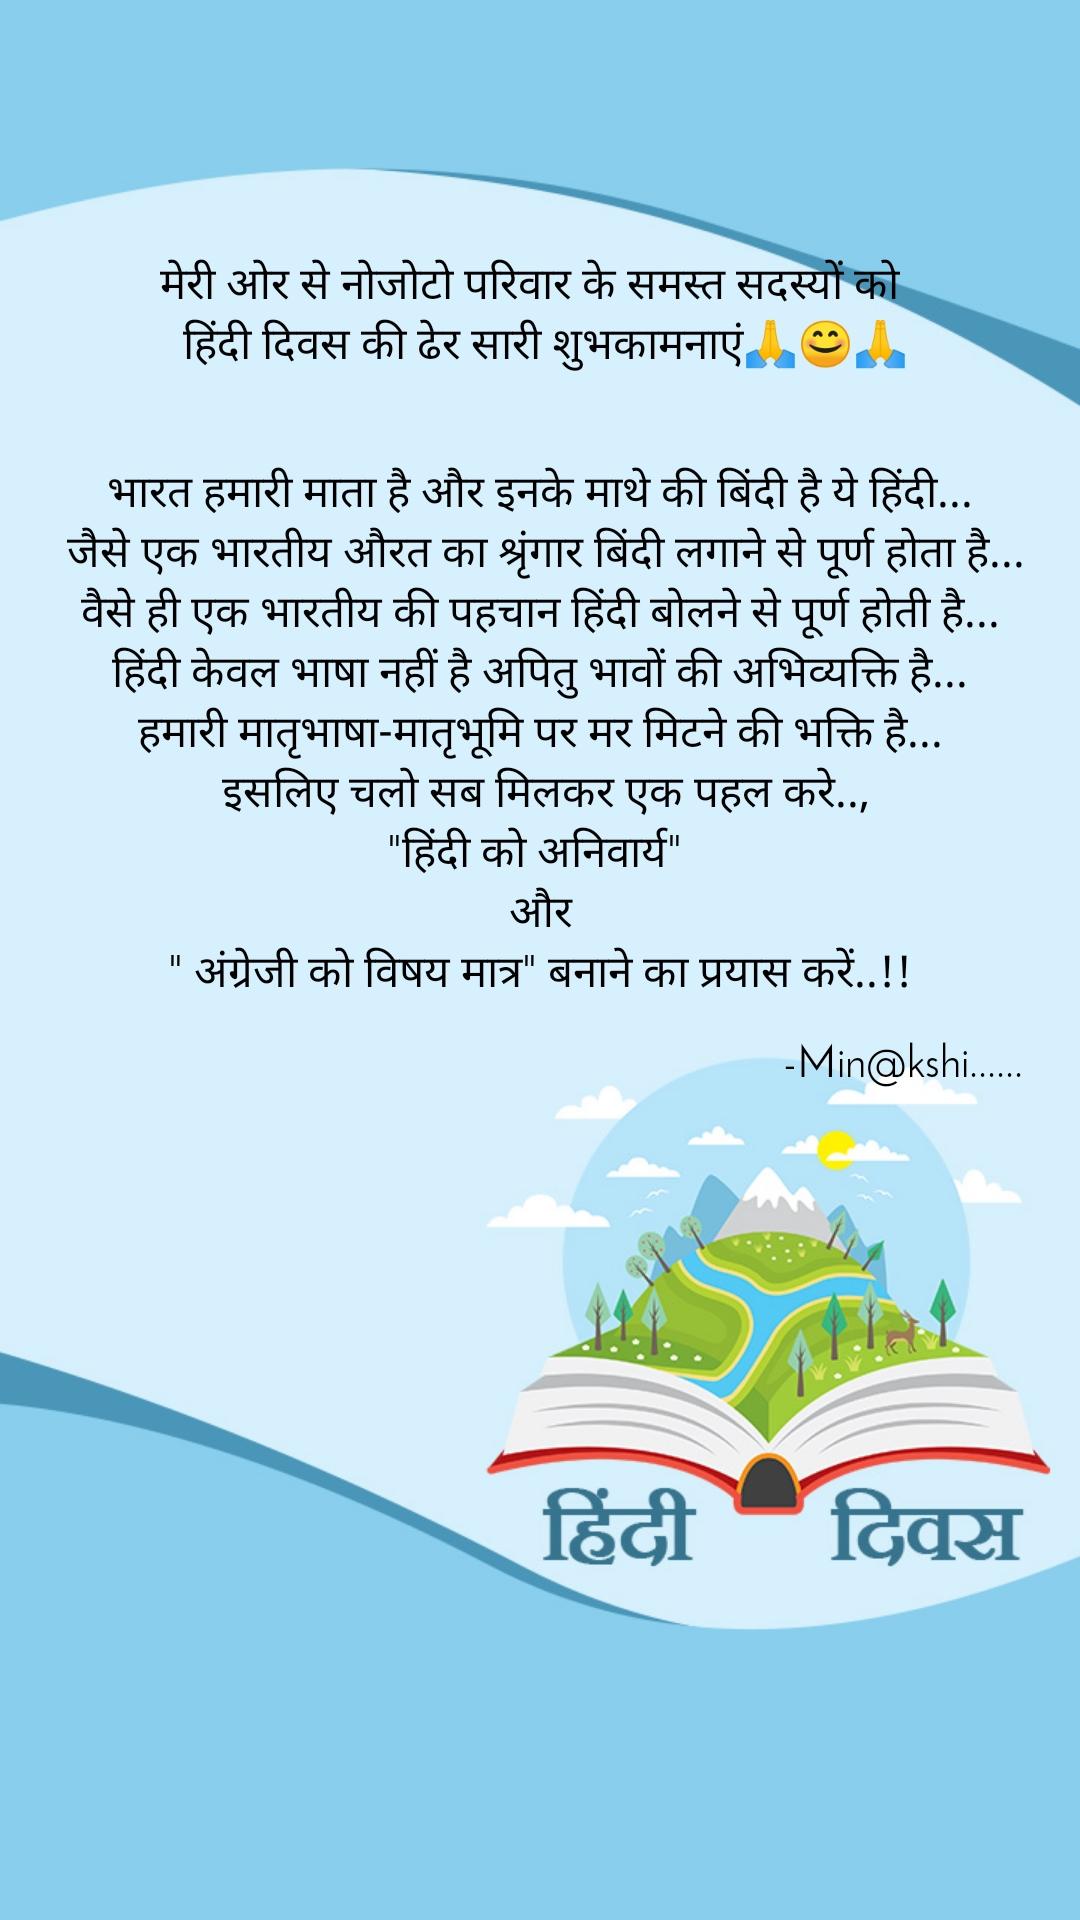 """मेरी ओर से नोजोटो परिवार के समस्त सदस्यों को     हिंदी दिवस की ढेर सारी शुभकामनाएं🙏😊🙏    भारत हमारी माता है और इनके माथे की बिंदी है ये हिंदी...   जैसे एक भारतीय औरत का श्रृंगार बिंदी लगाने से पूर्ण होता है... वैसे ही एक भारतीय की पहचान हिंदी बोलने से पूर्ण होती है... हिंदी केवल भाषा नहीं है अपितु भावों की अभिव्यक्ति है... हमारी मातृभाषा-मातृभूमि पर मर मिटने की भक्ति है...  इसलिए चलो सब मिलकर एक पहल करे.., """"हिंदी को अनिवार्य""""  और """" अंग्रेजी को विषय मात्र"""" बनाने का प्रयास करें..!!                                                                     -Min@kshi......"""